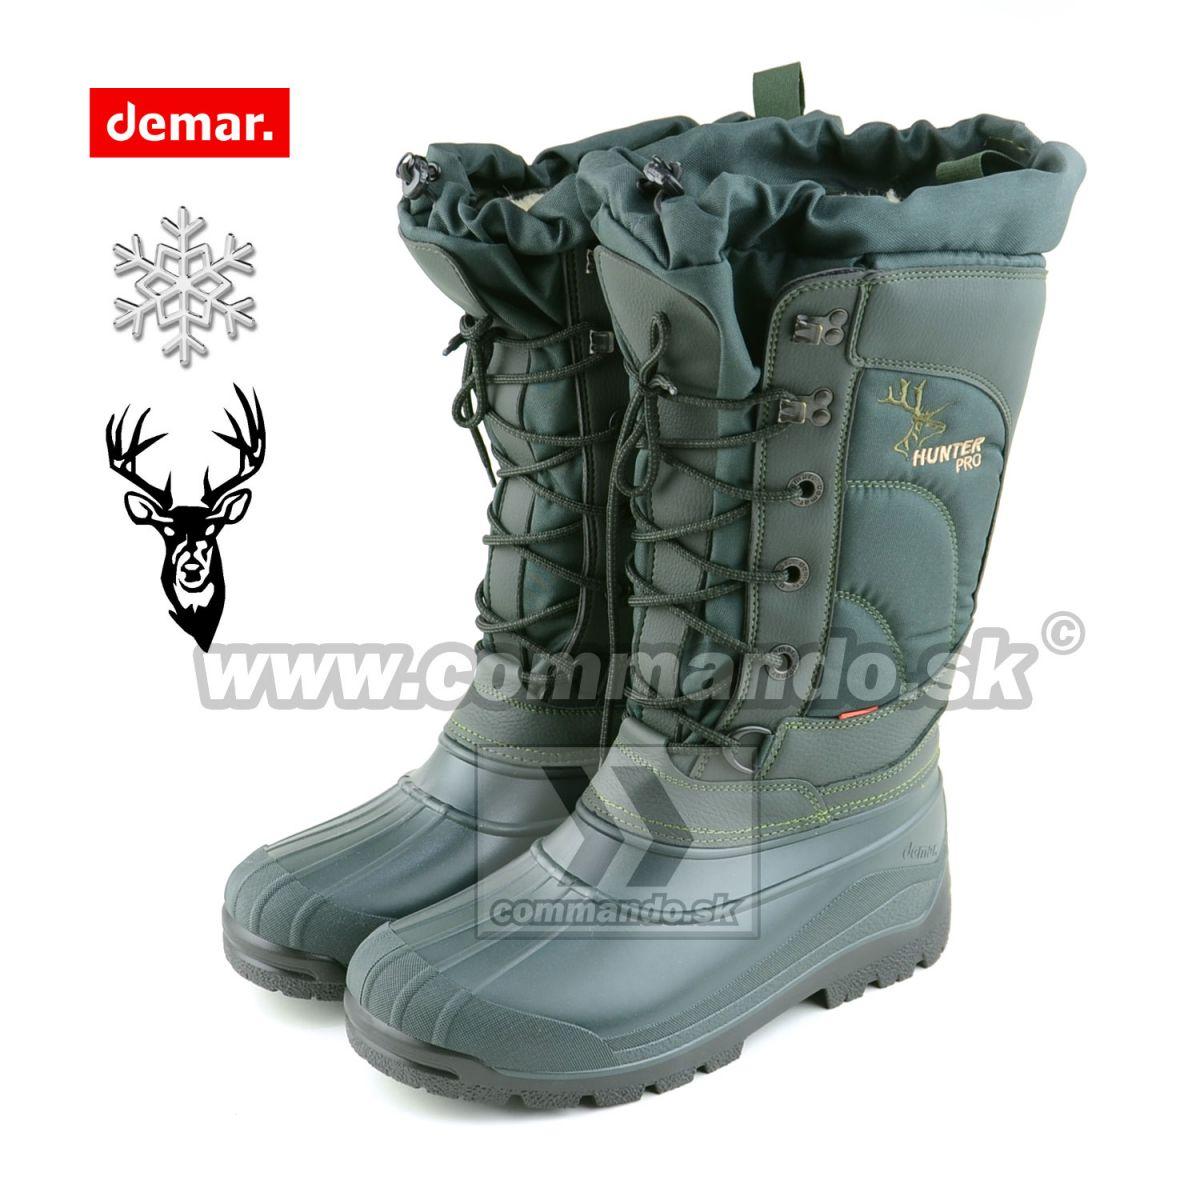 350897fd74628 Demar HUNTER PRO Boots zimná obuv | Commando.sk